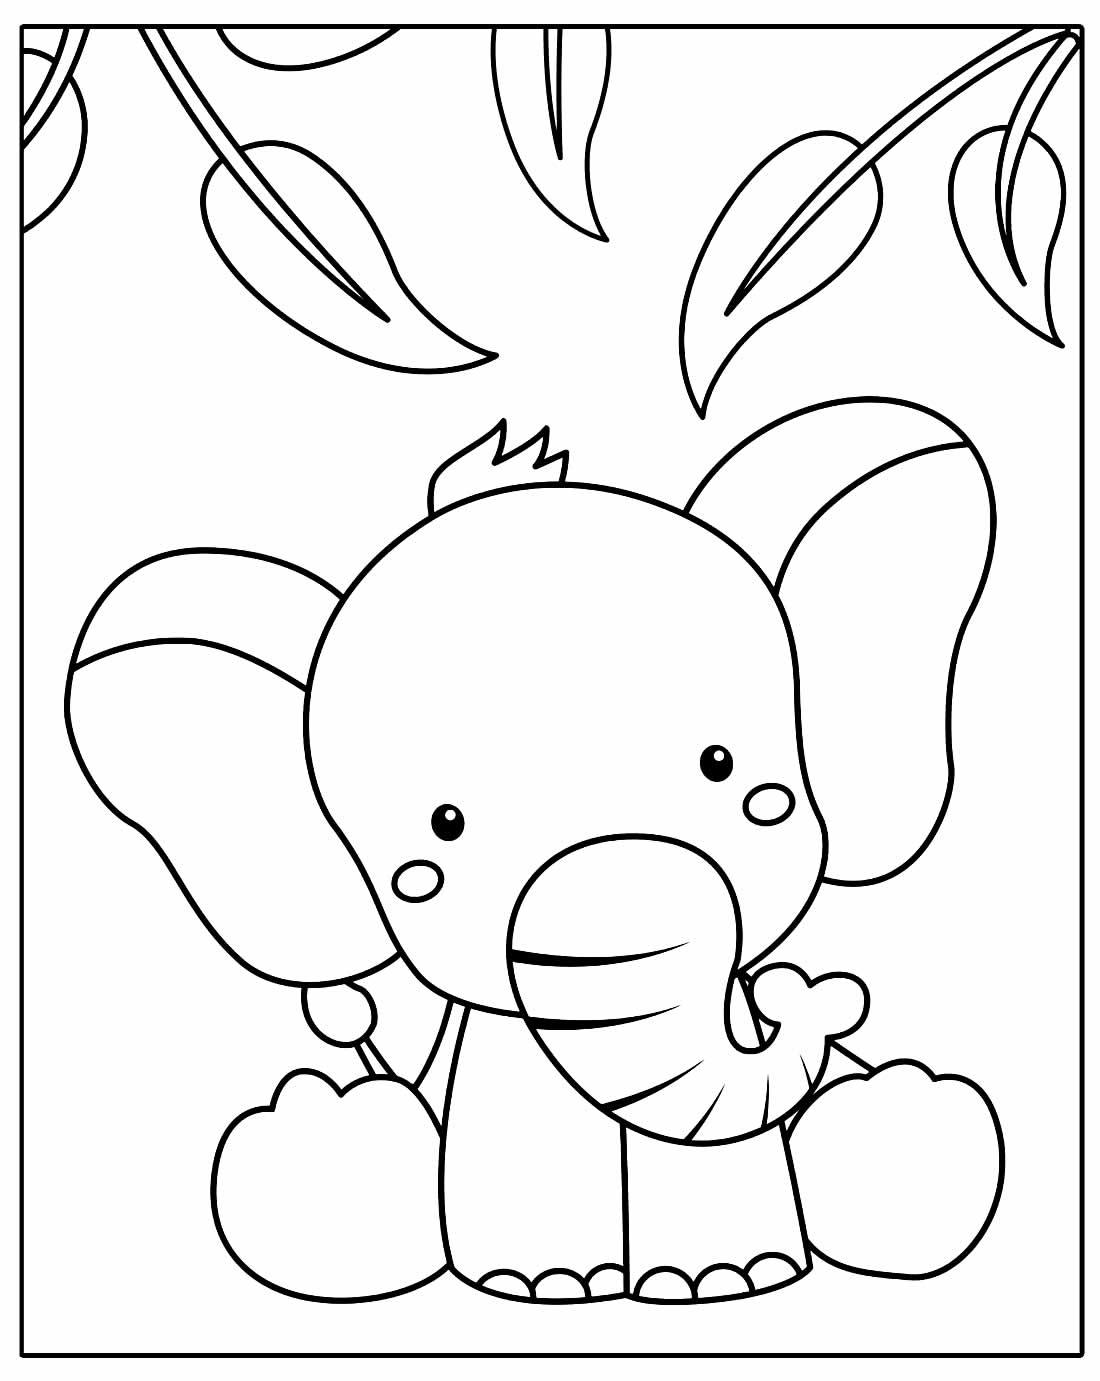 Desenho para pintar e colorir de Elefante